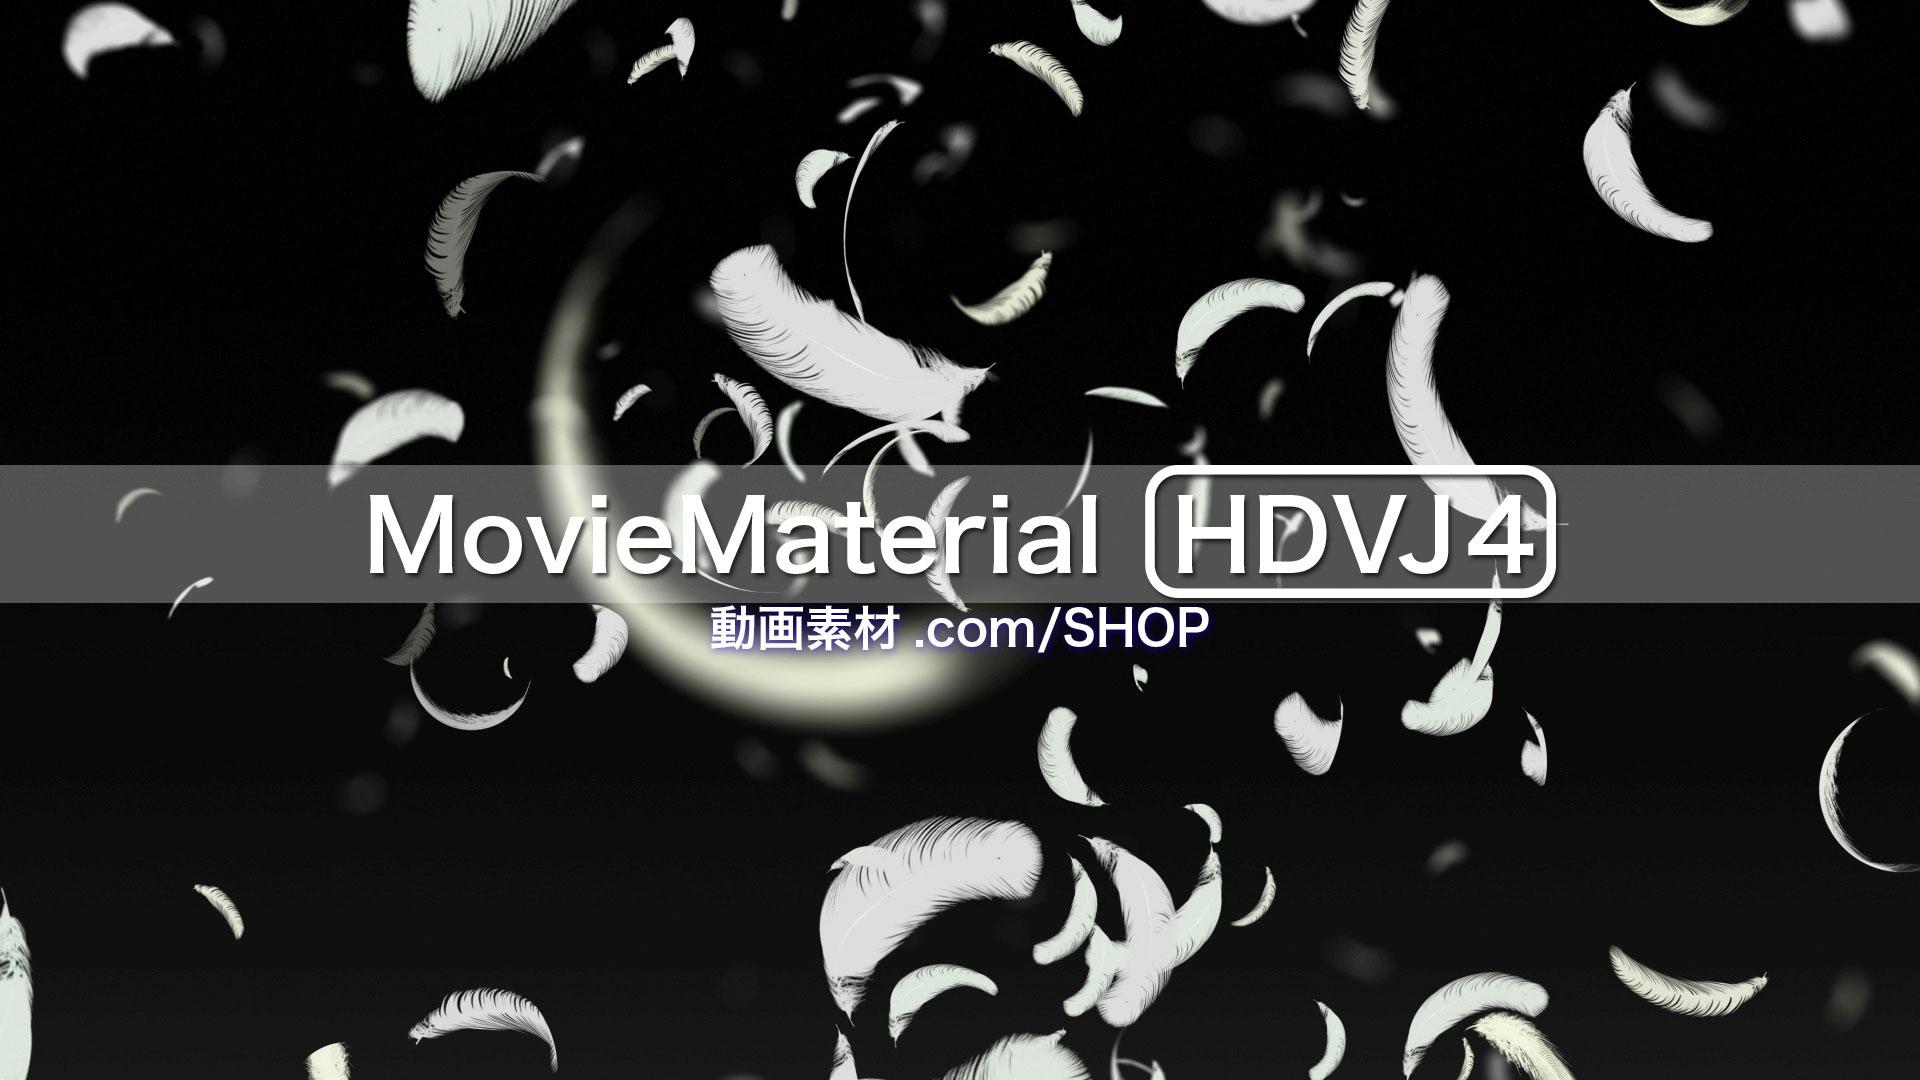 フルハイビジョン動画素材集第4段【MovieMaterial HDVJ4】ロイヤリティフリー(著作権使用料無料)8